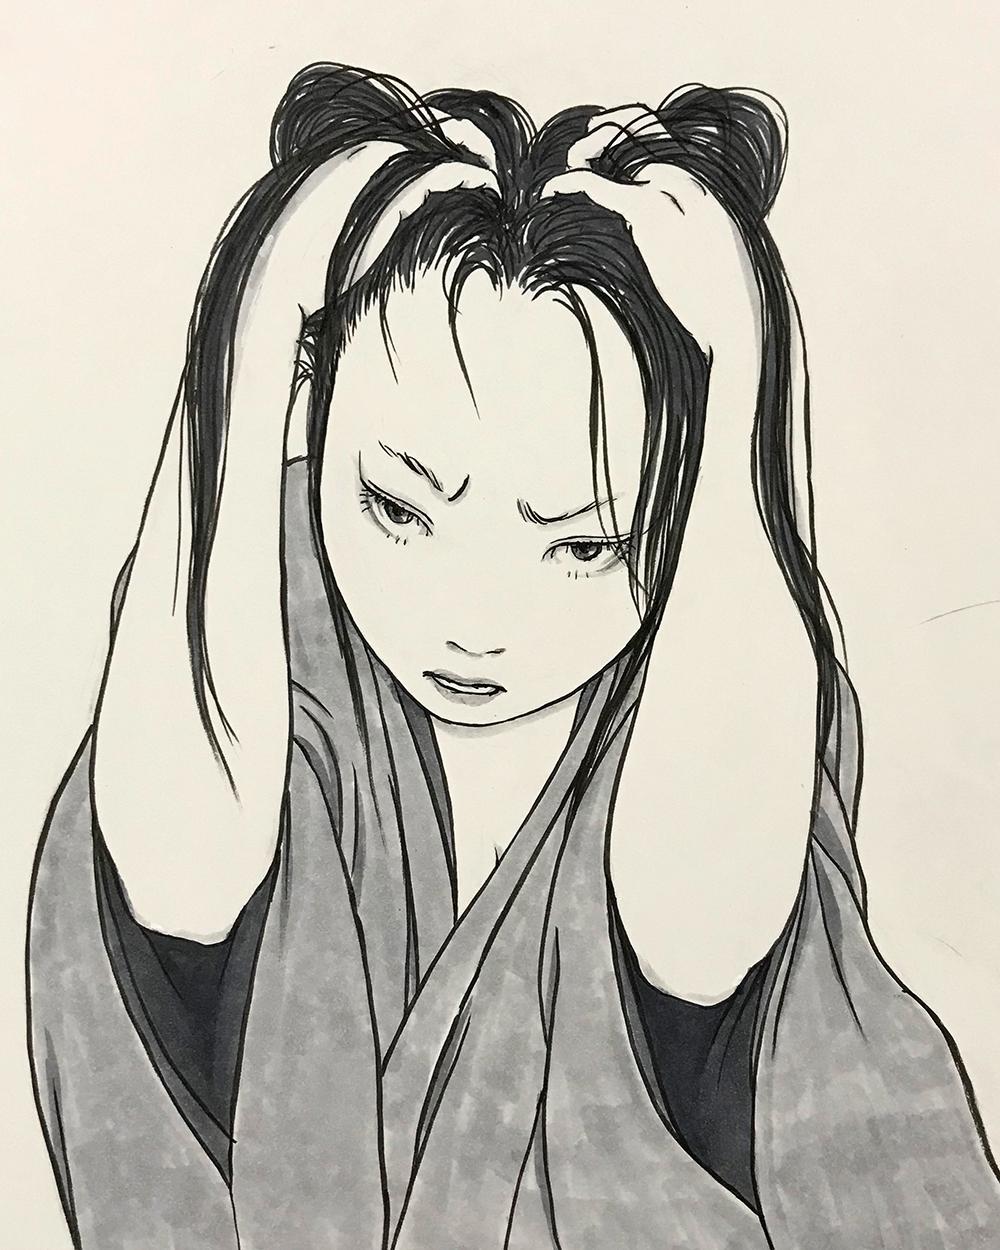 髪を掻きむしる女 KAKIMUSHIRU